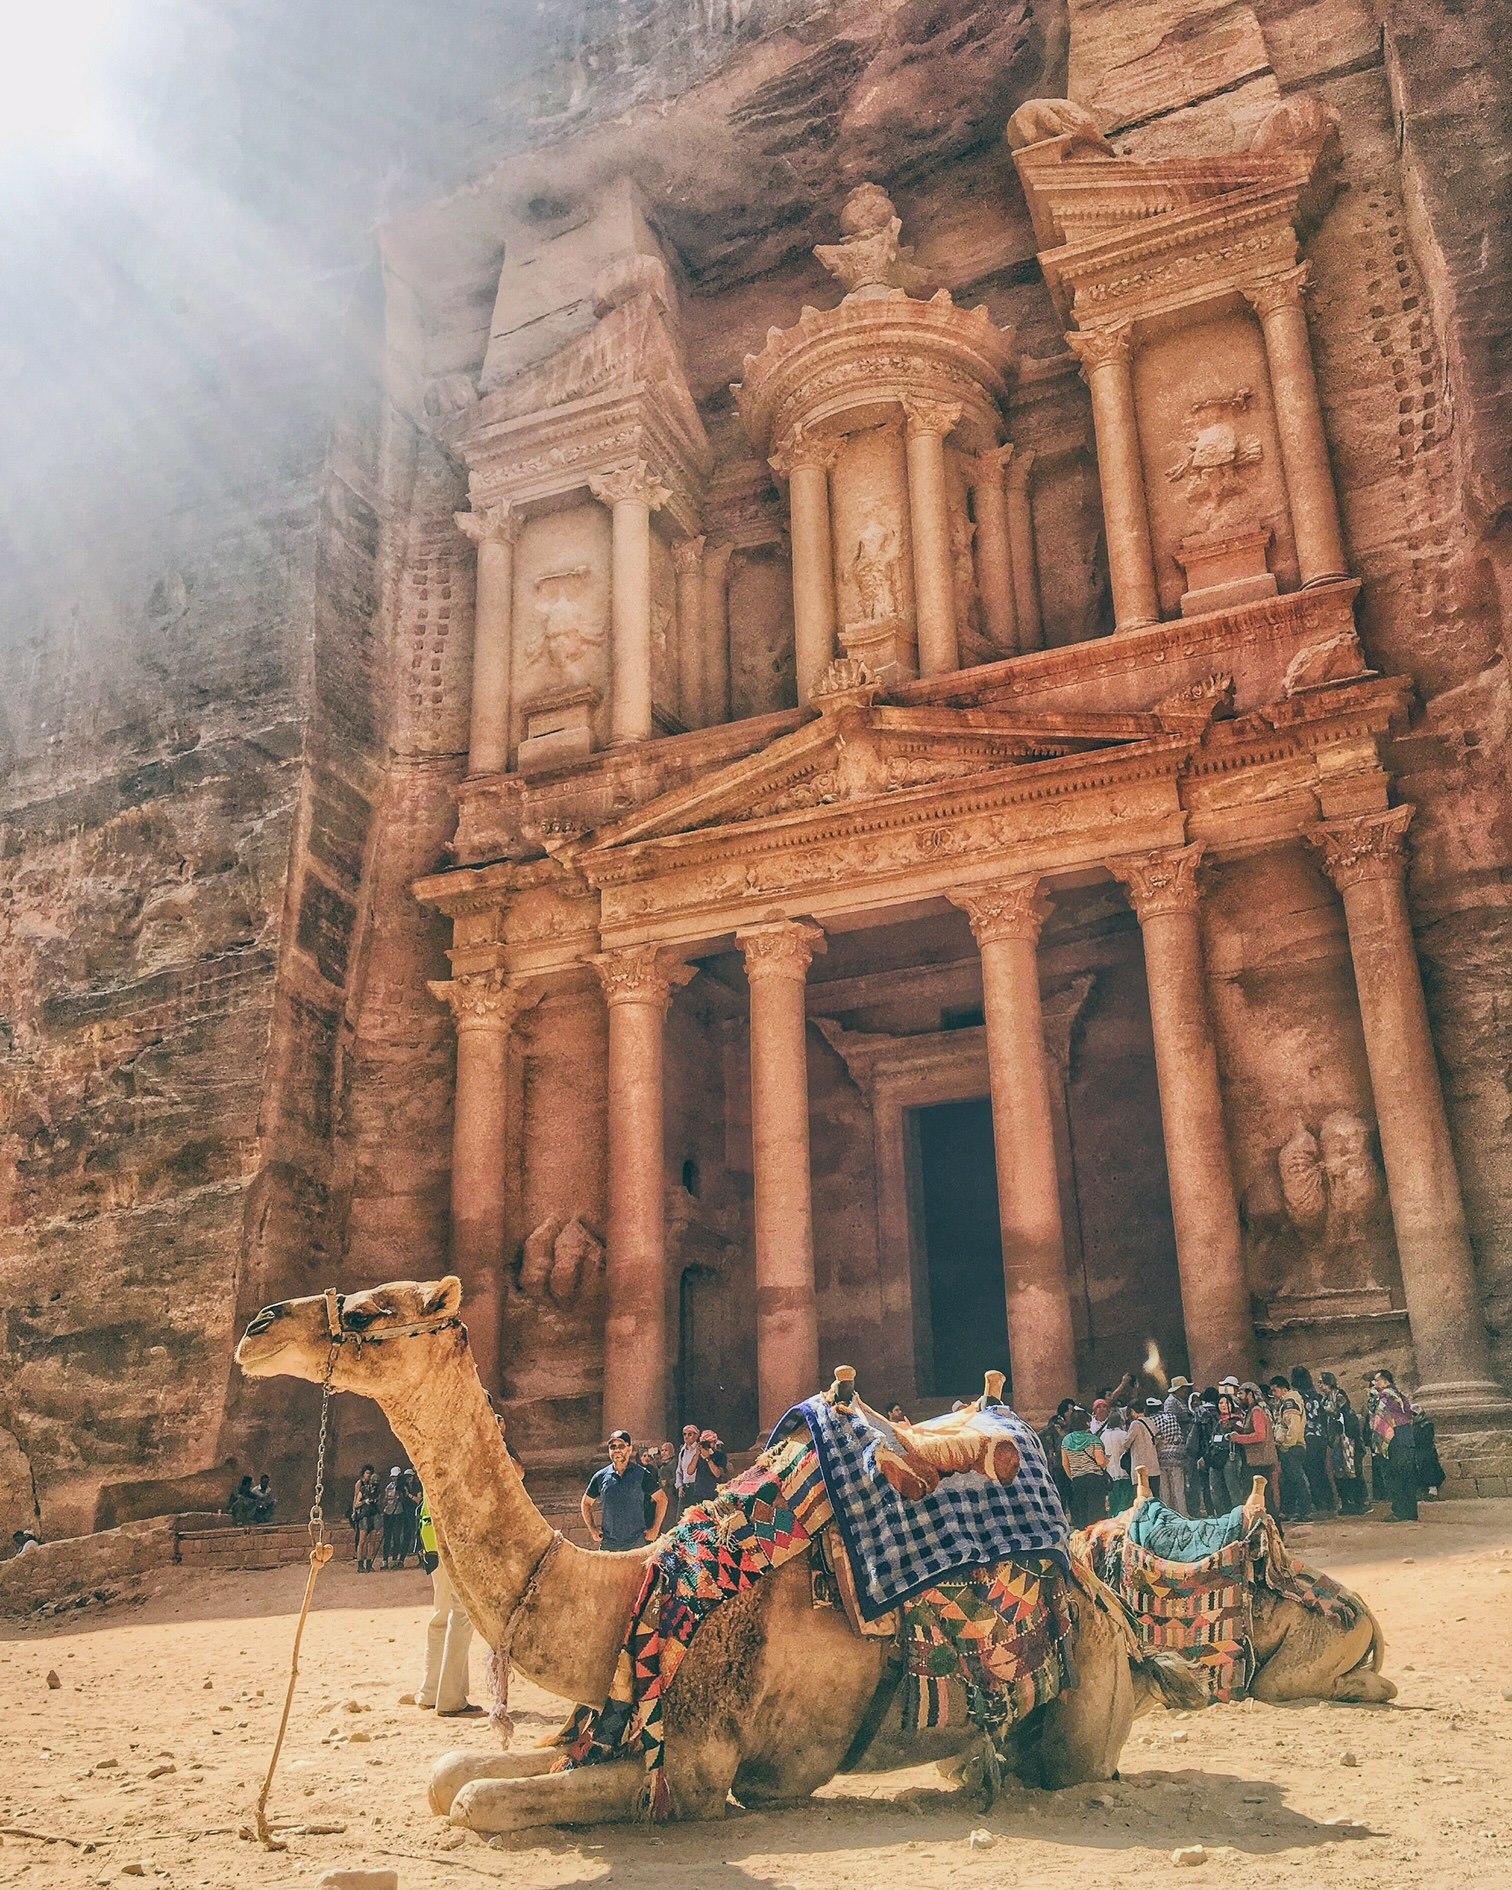 Petra – Al-Khazneh (the Treasury)